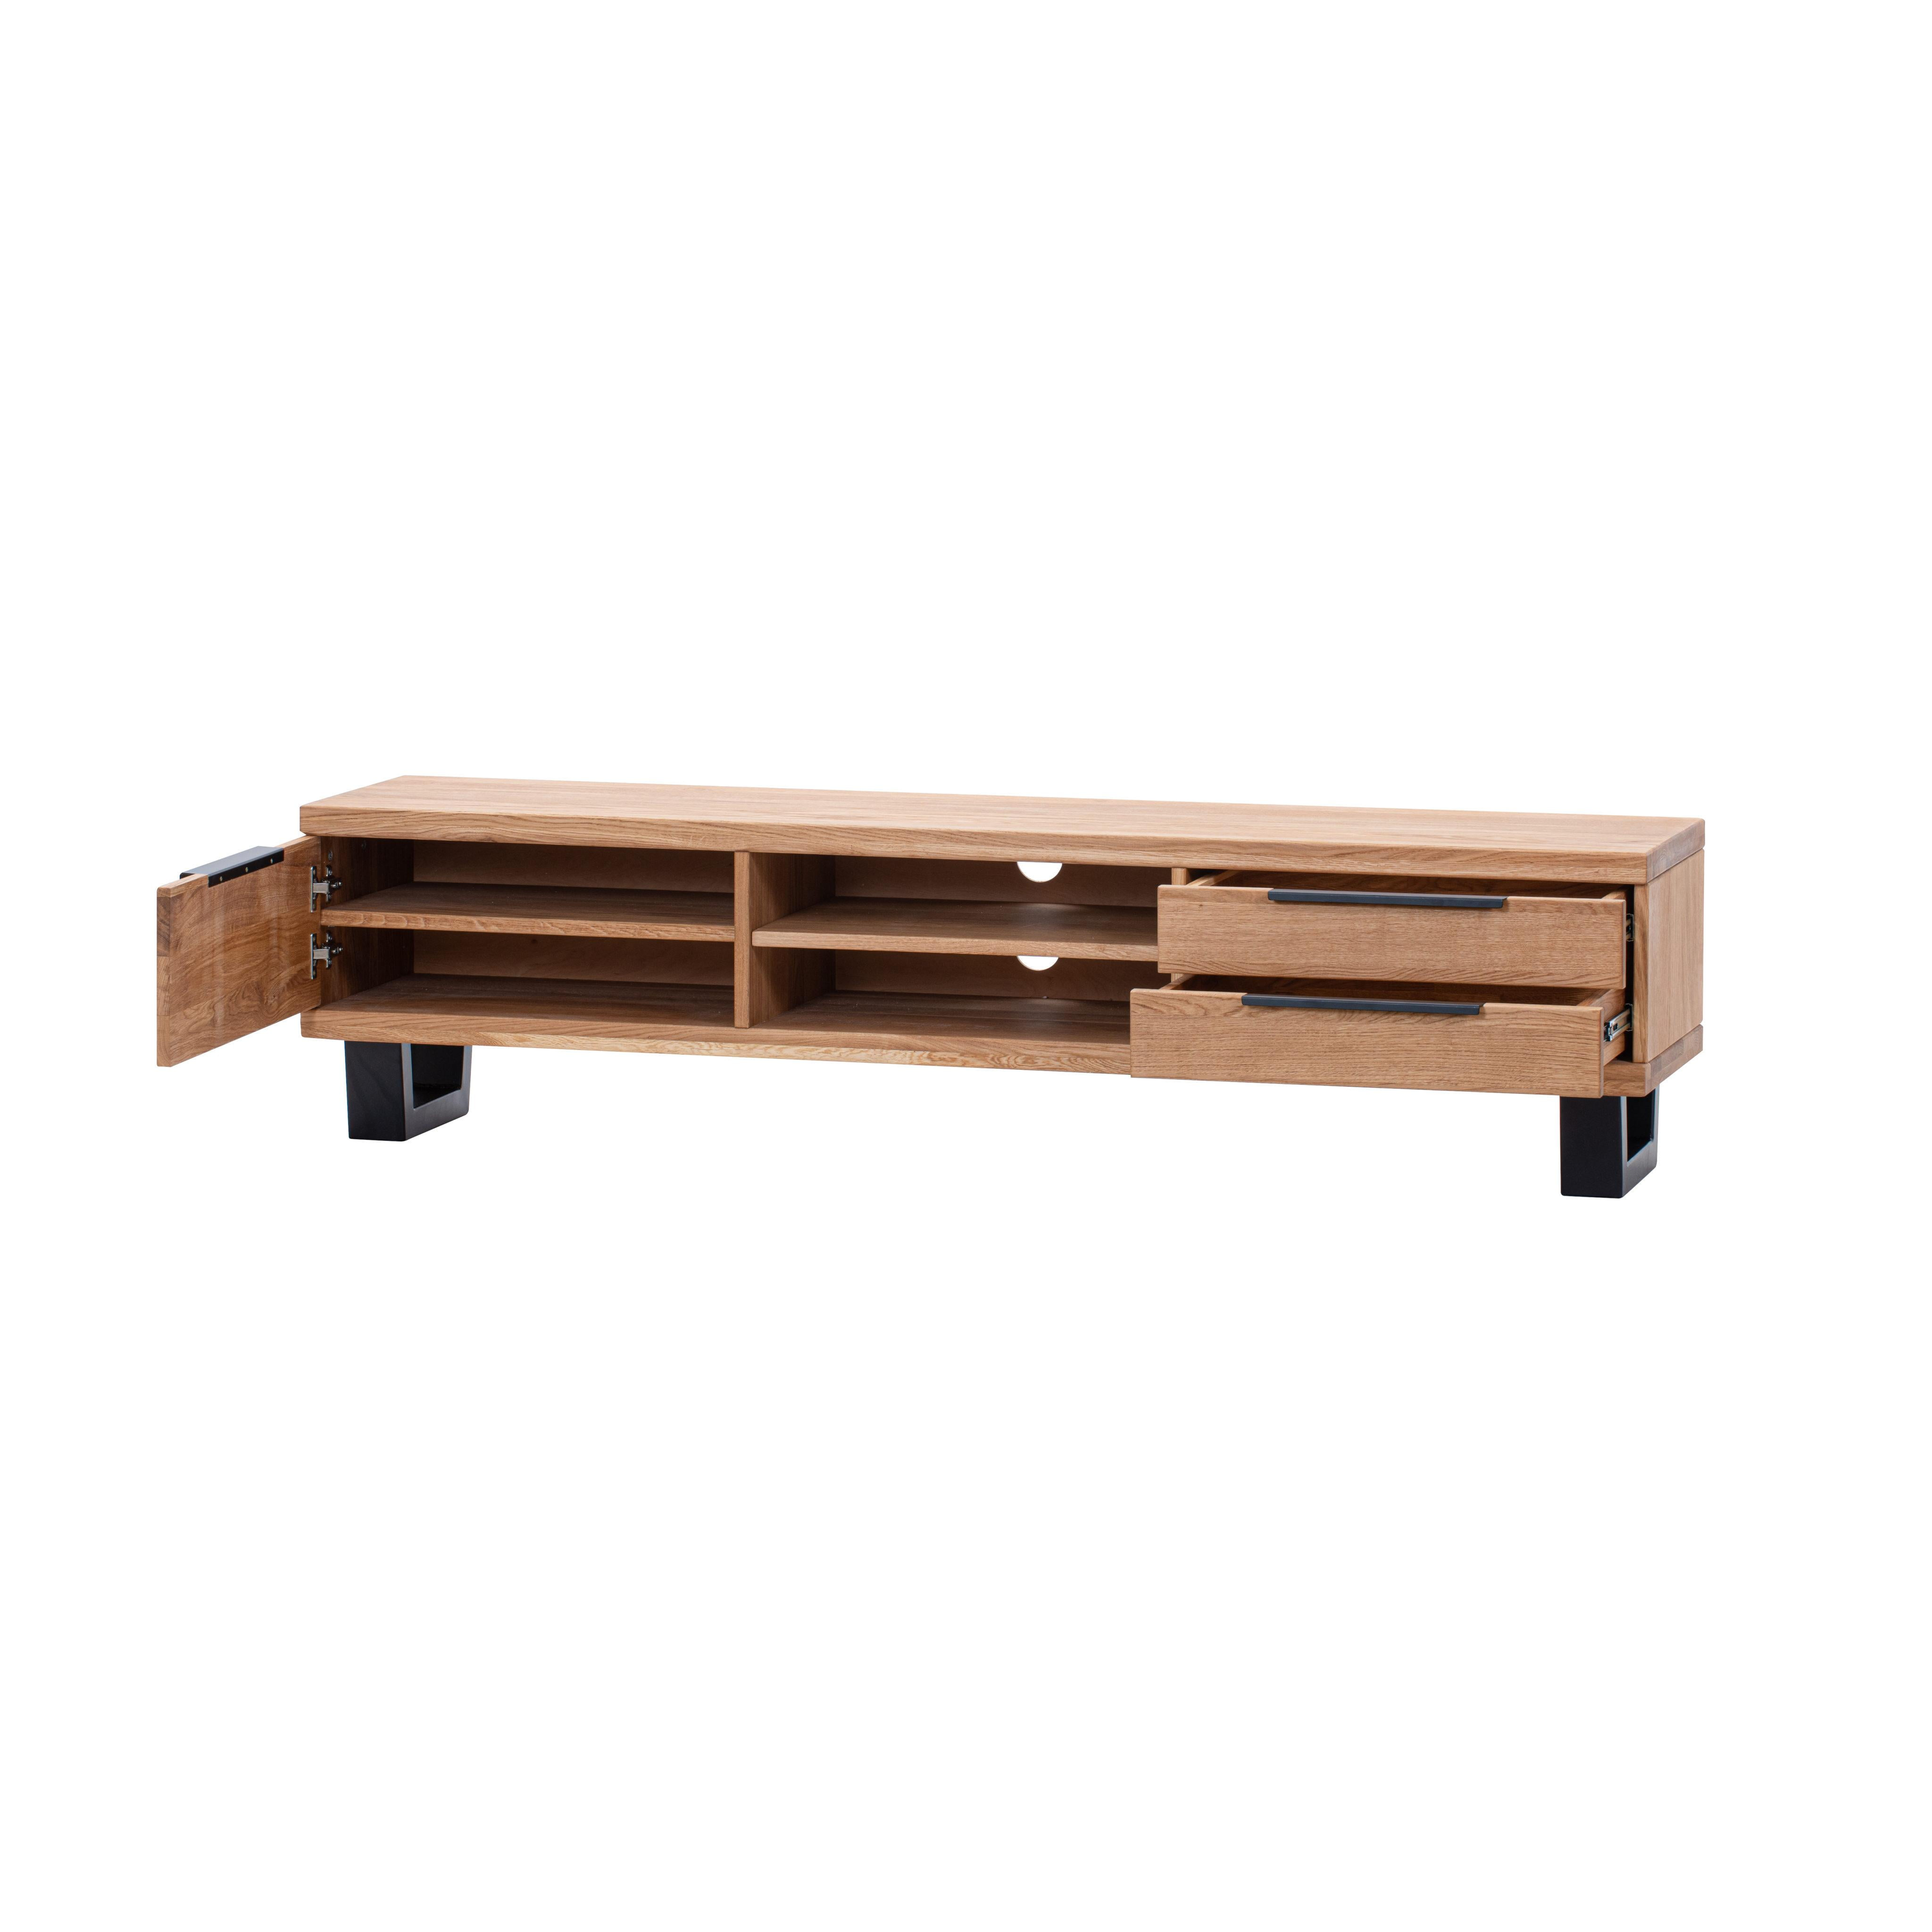 Masívna dubová TV komoda 3Z 2P s kovovými / drevenými nohami